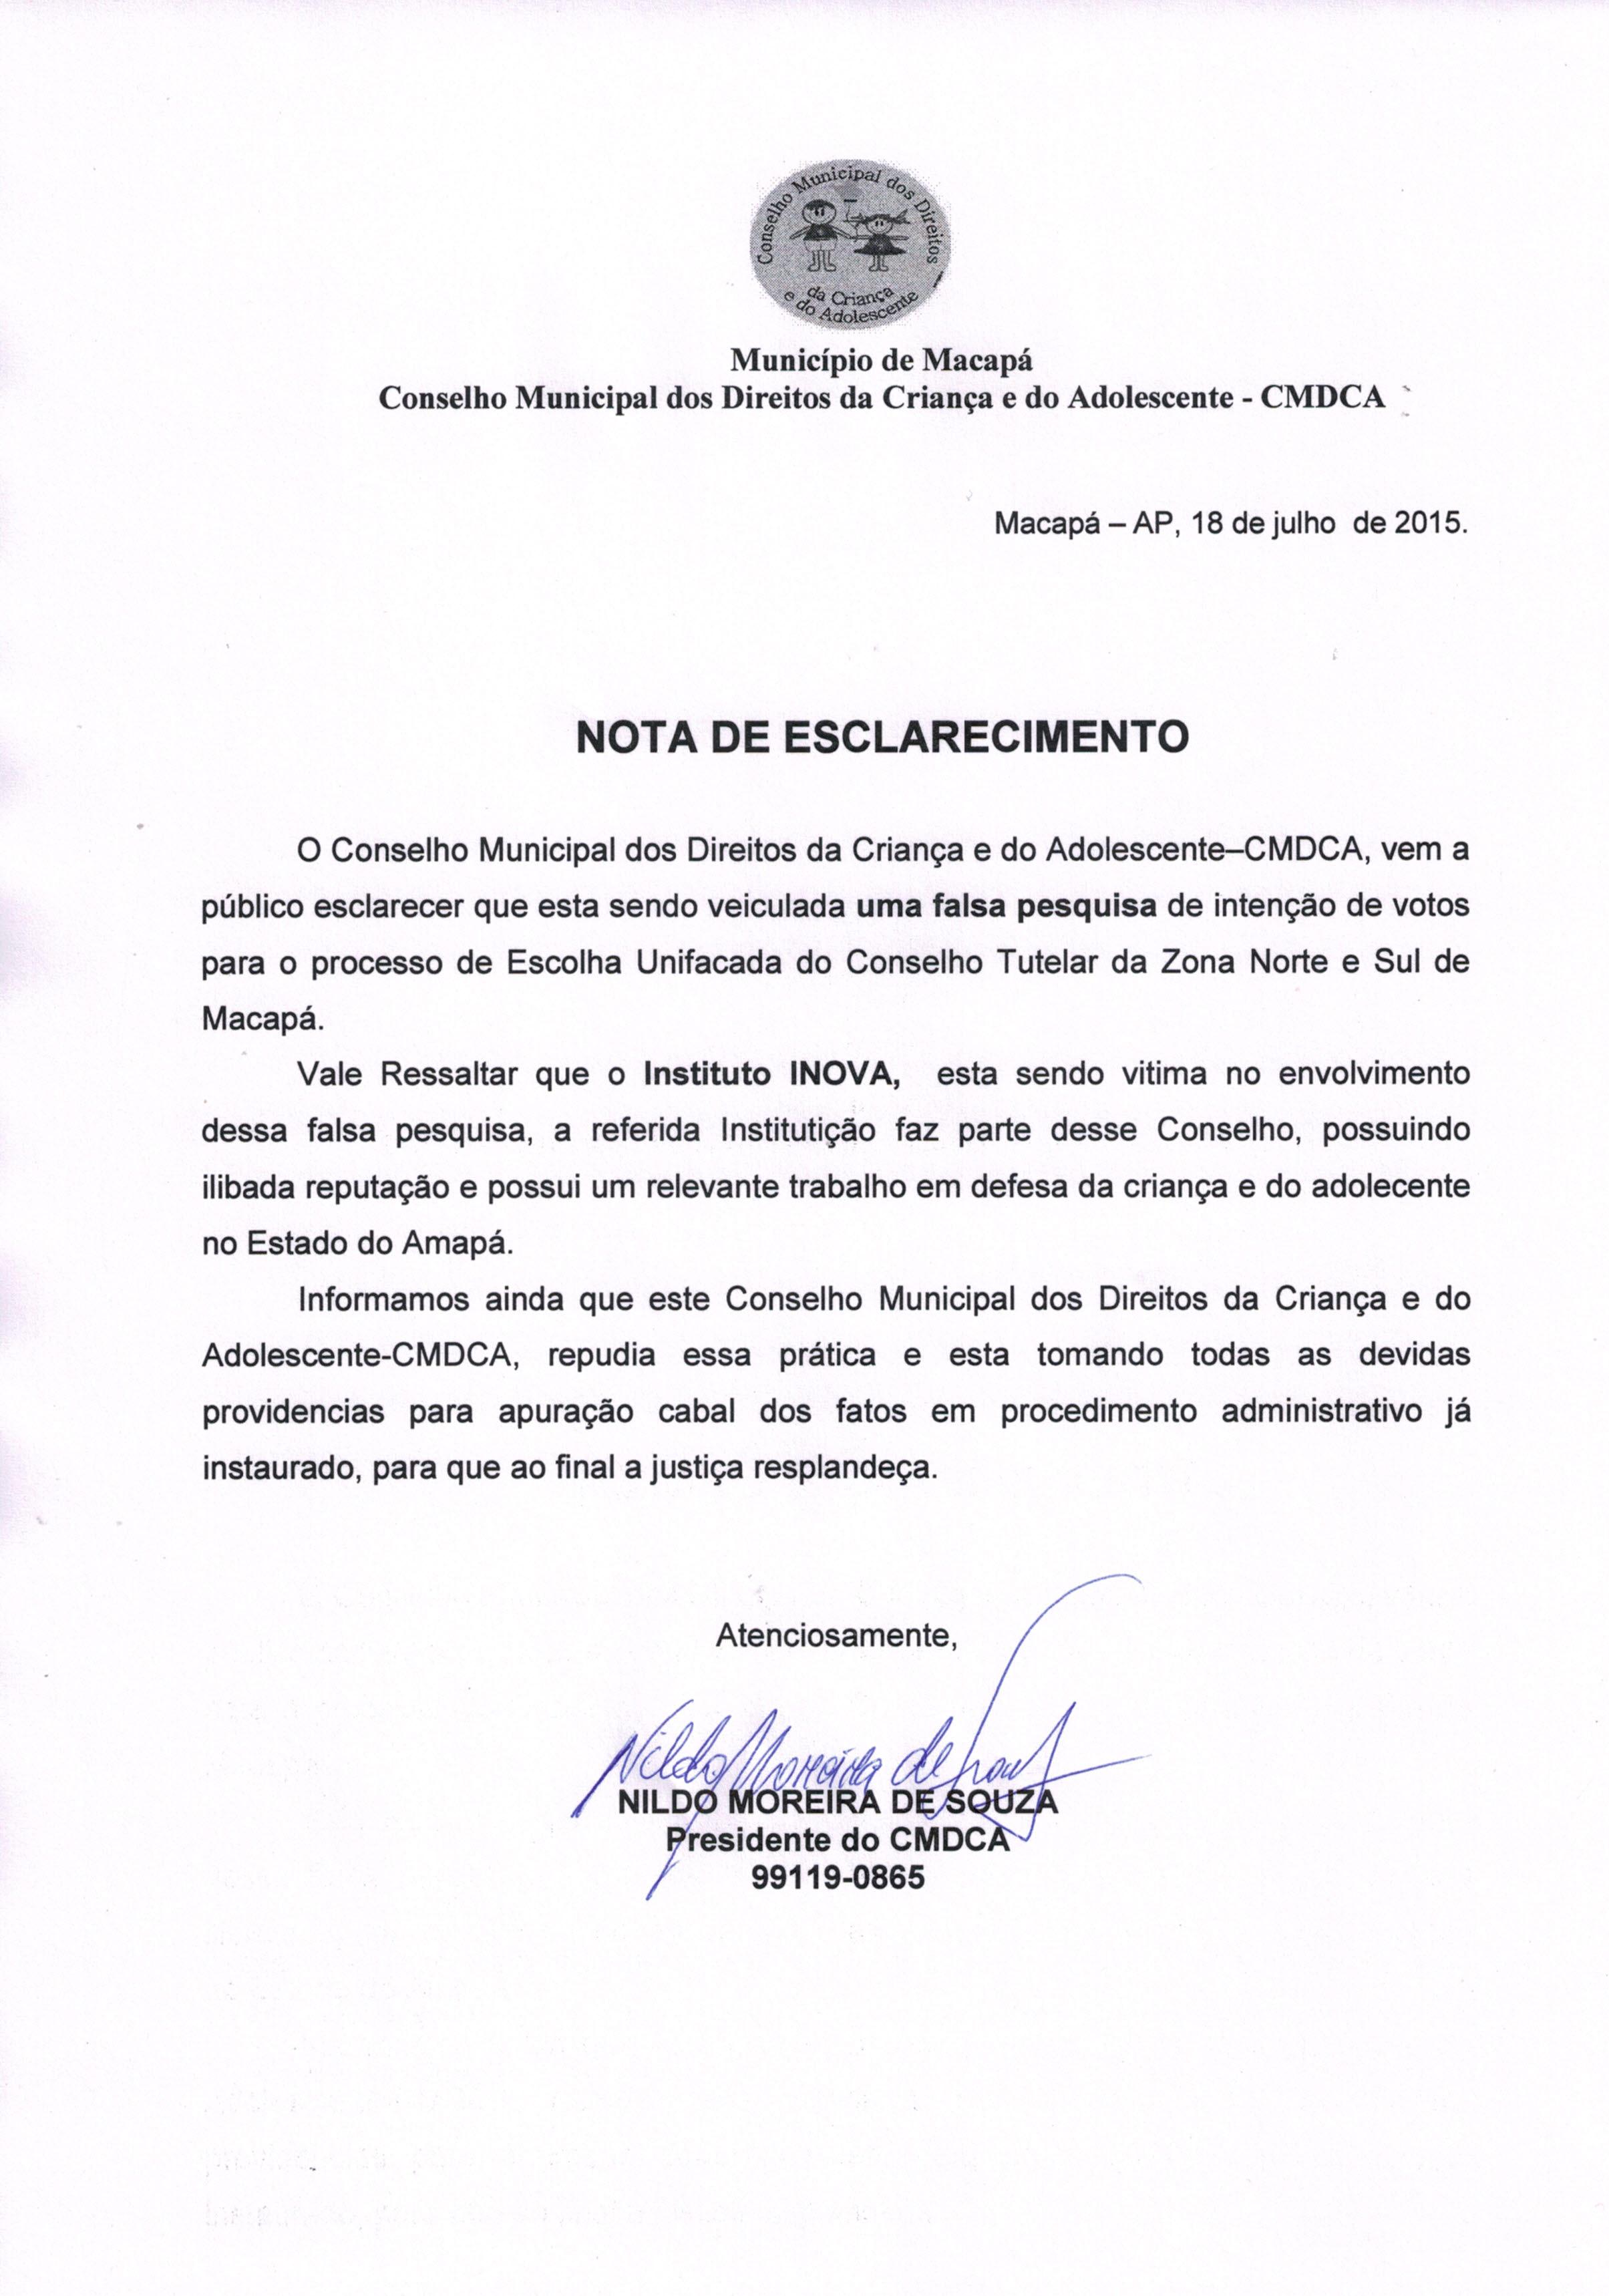 nota de esclarecimento CMDCA (1)